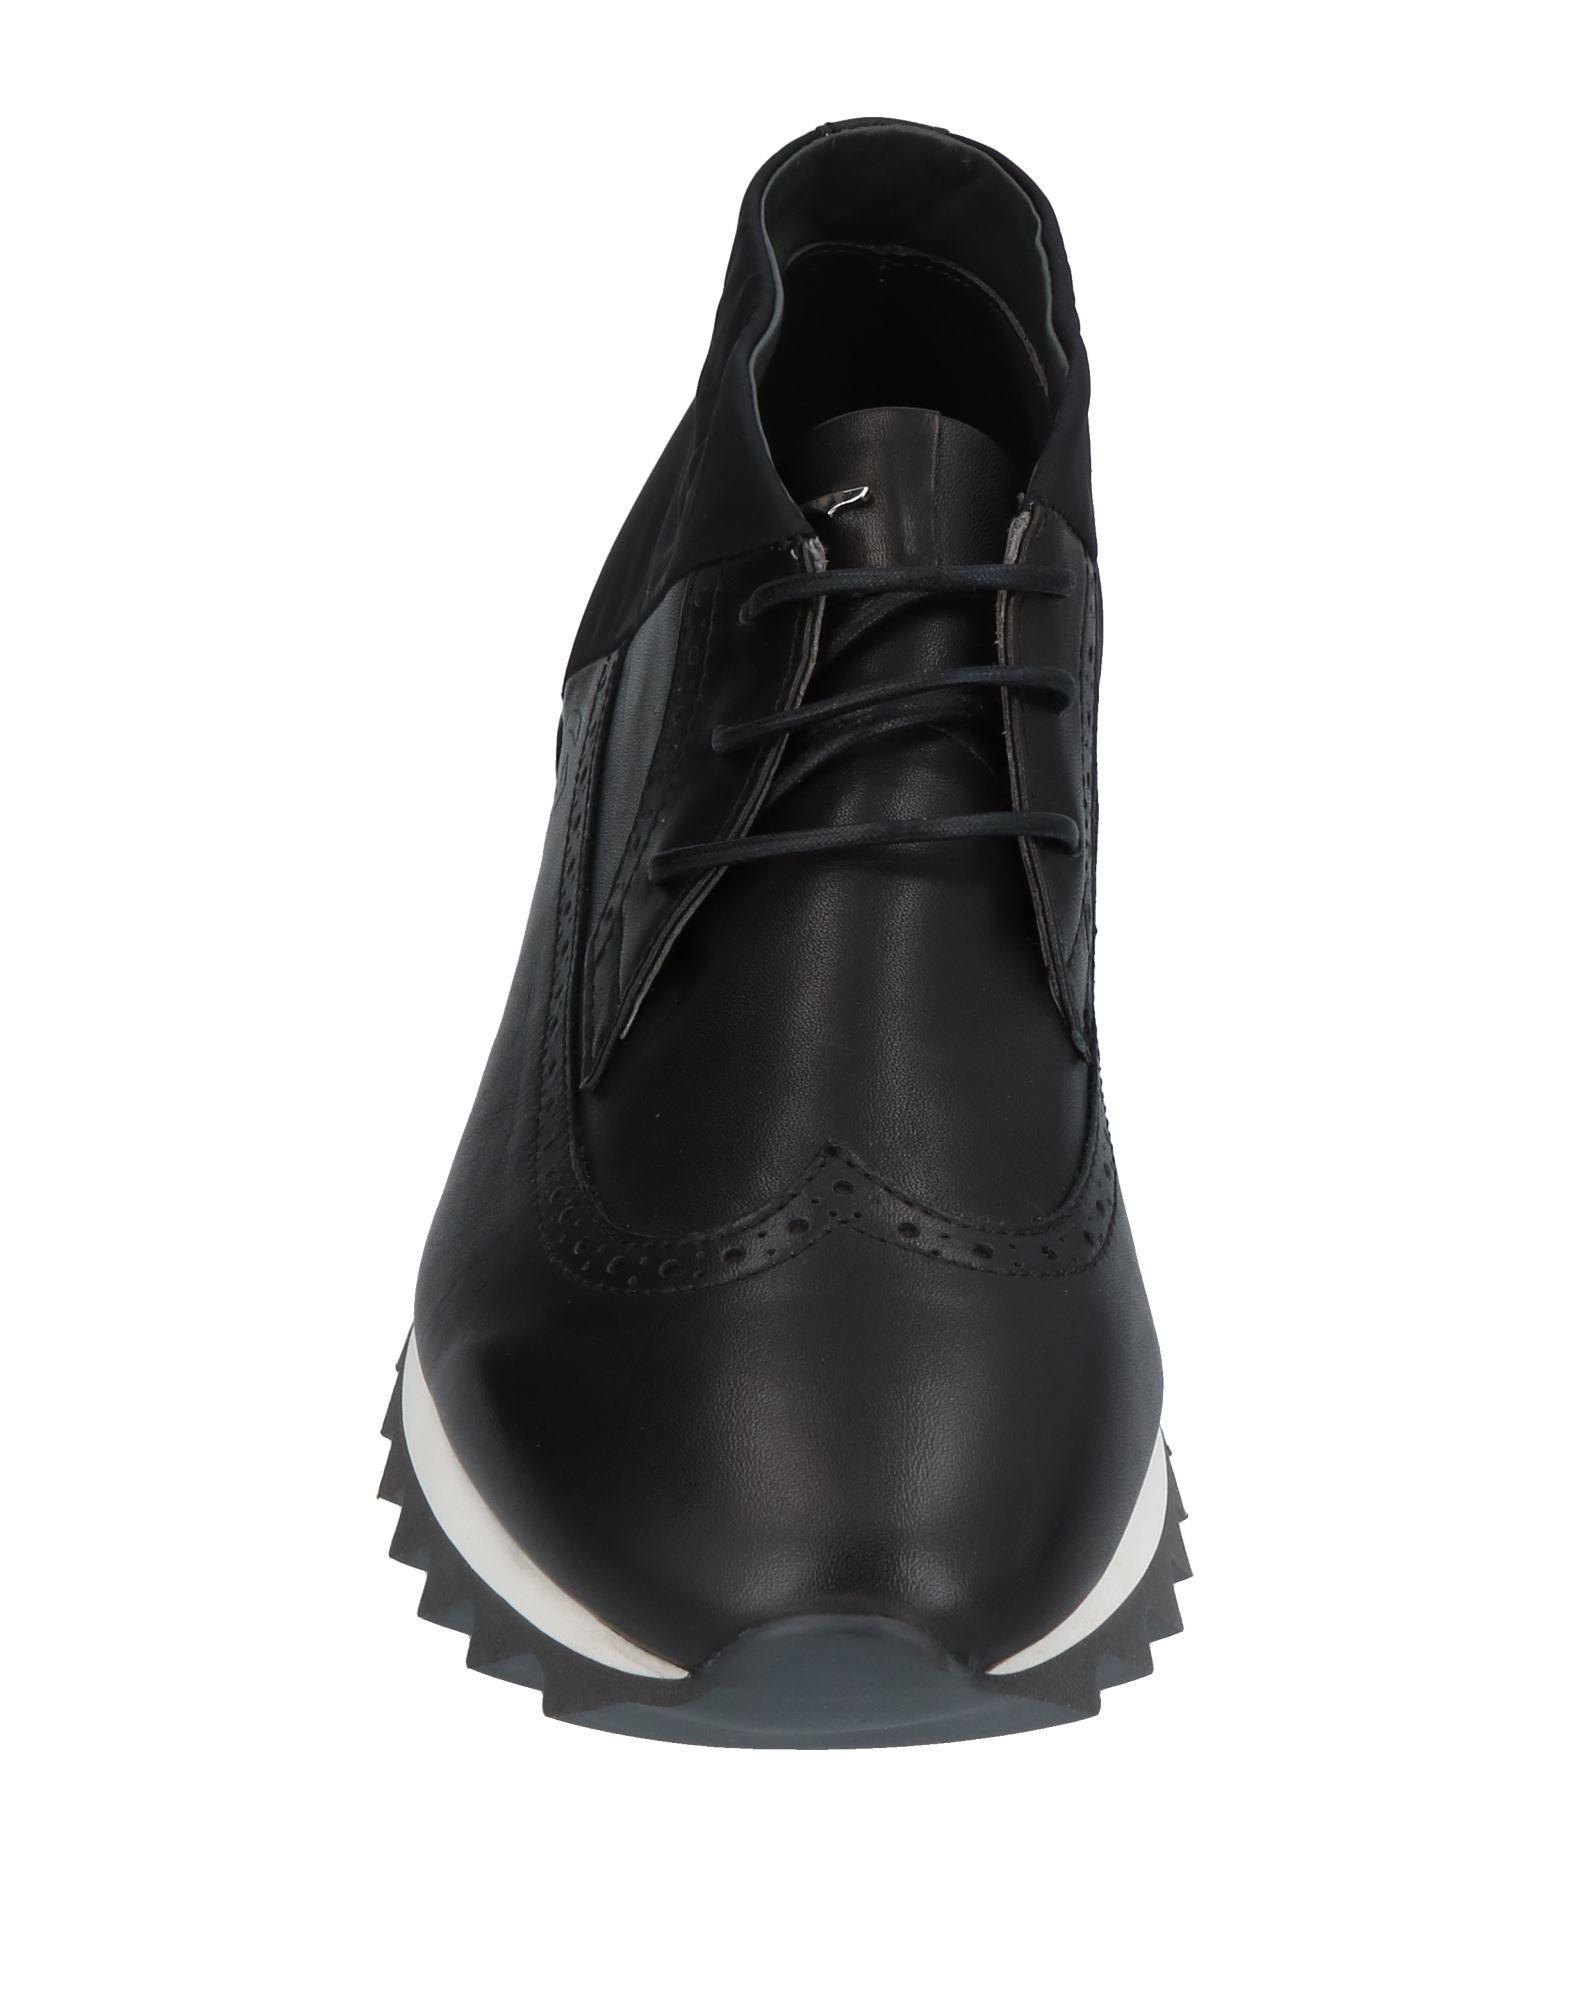 Alberto Guardiani Sneakers Herren Herren Sneakers  11371121KC d4e83e